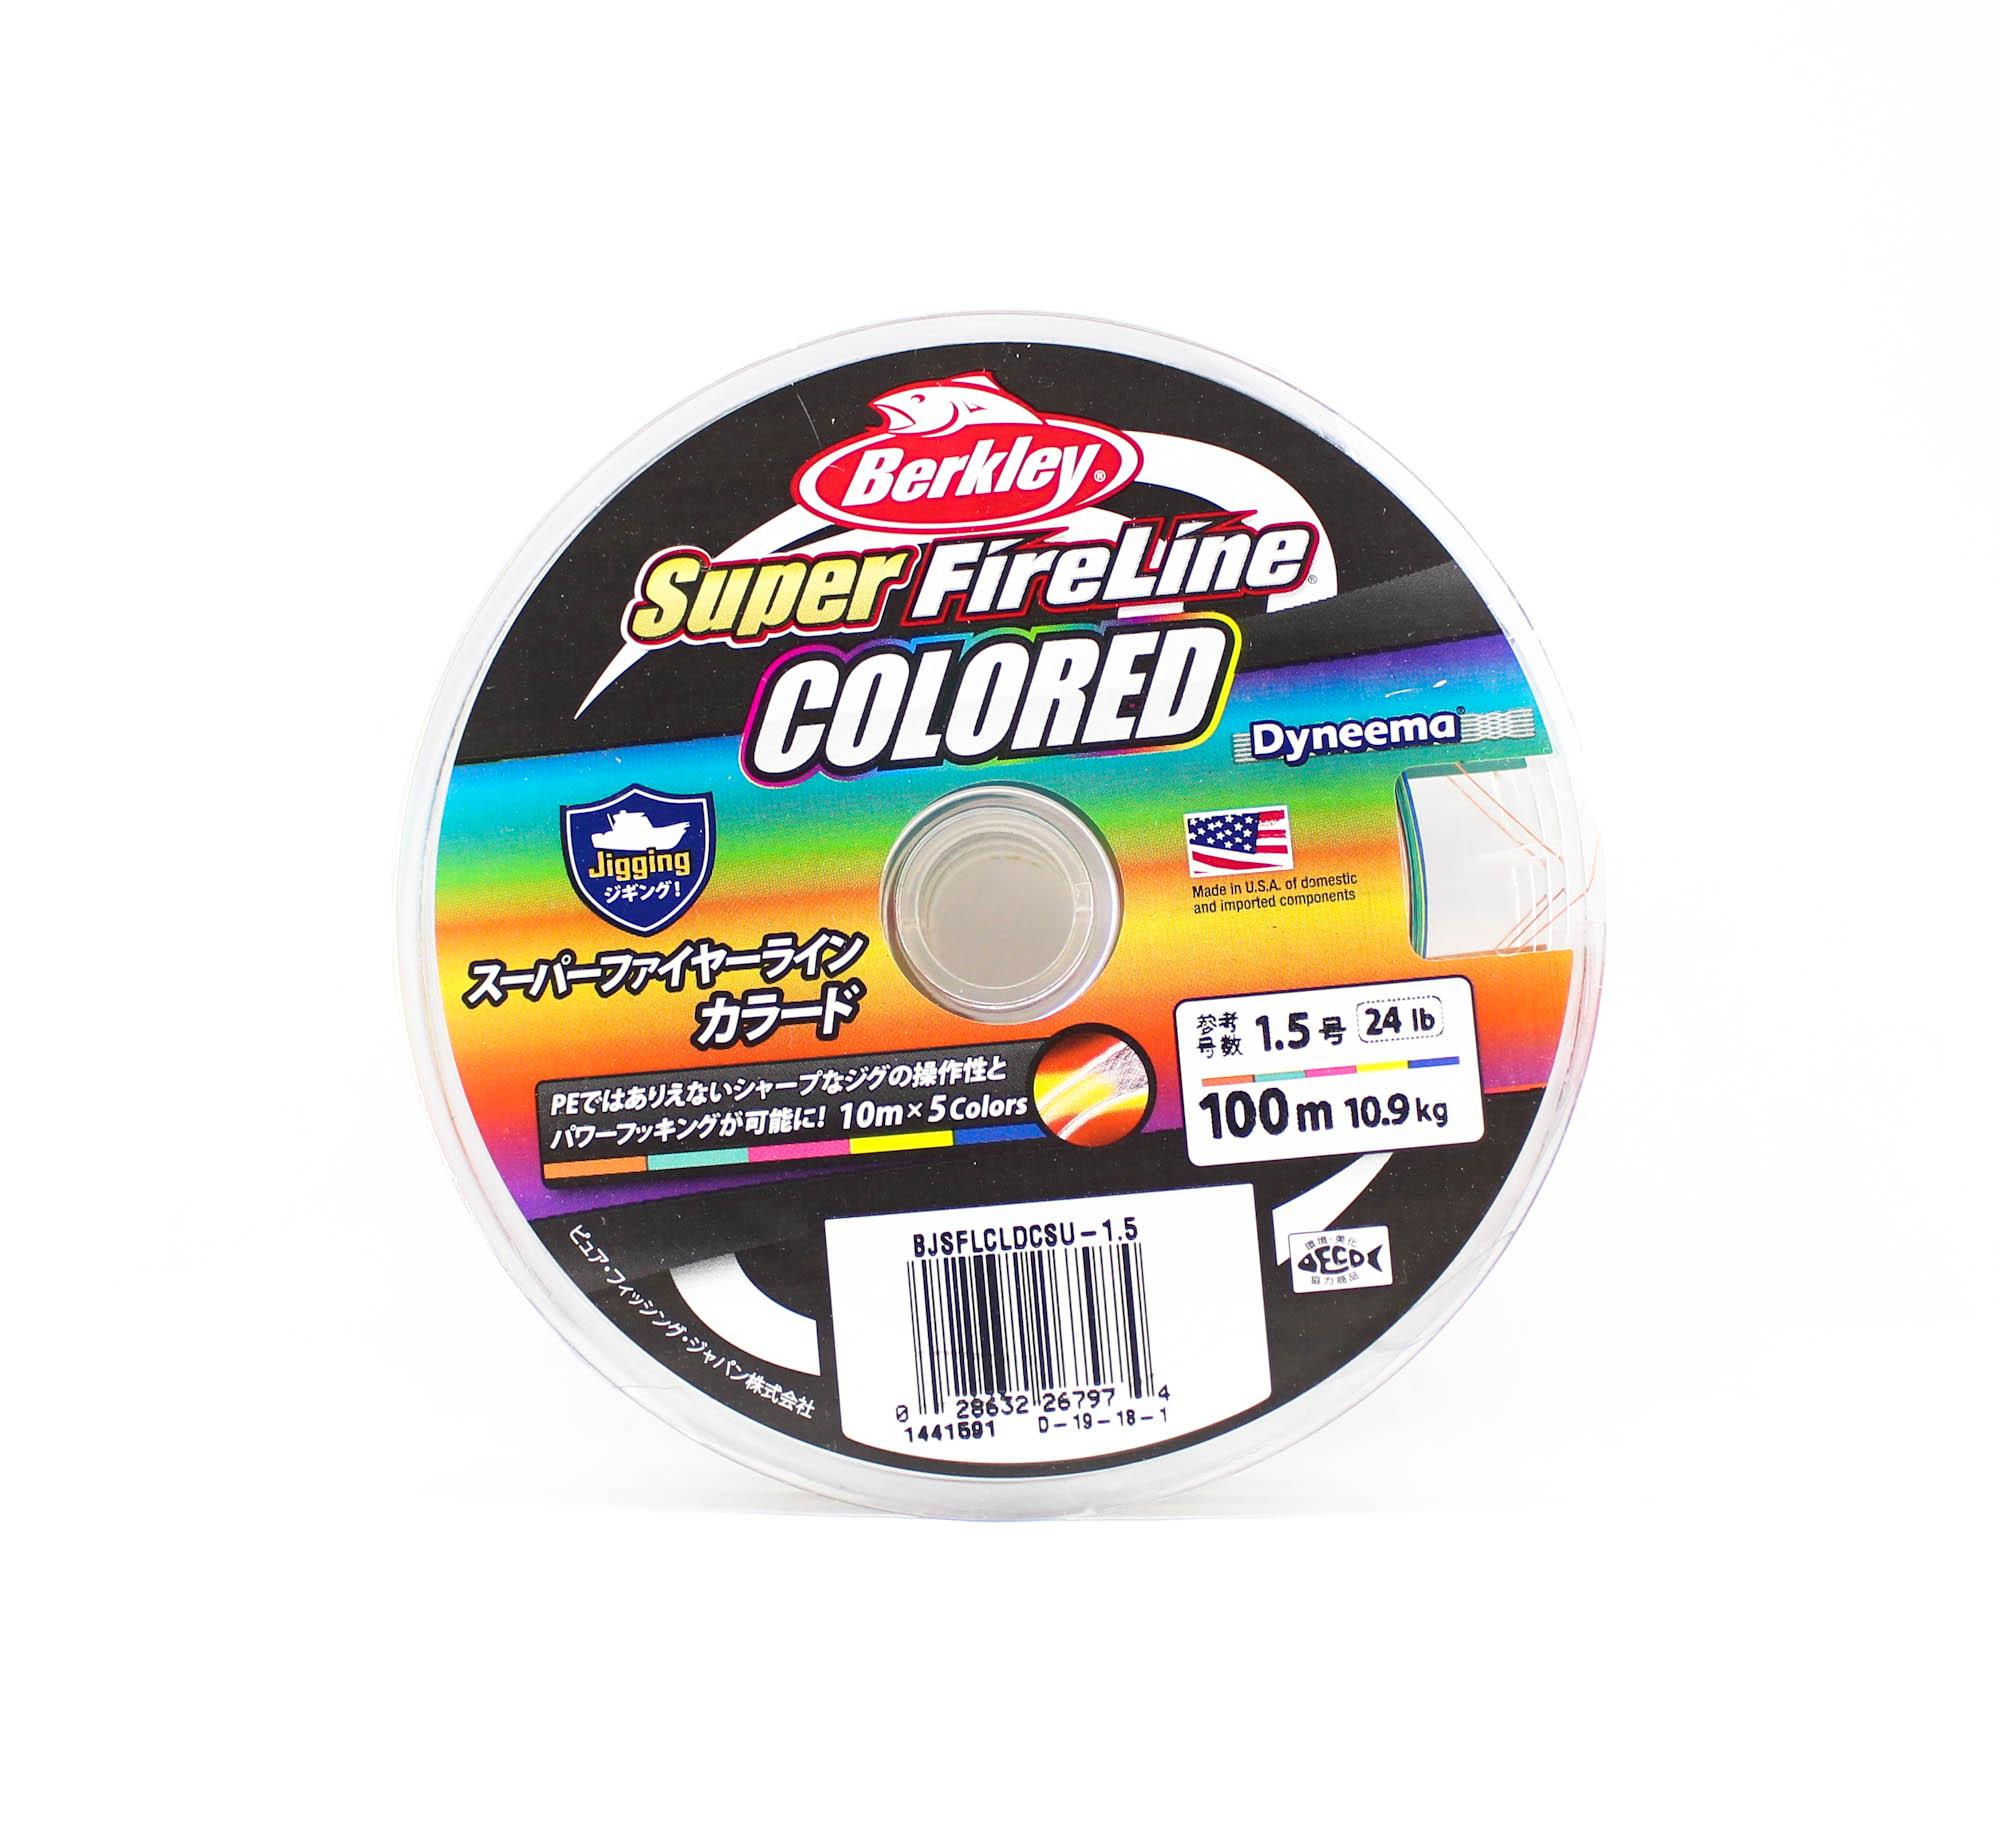 Berkley Super Fireline Colored 300m #1 16lb (8383)